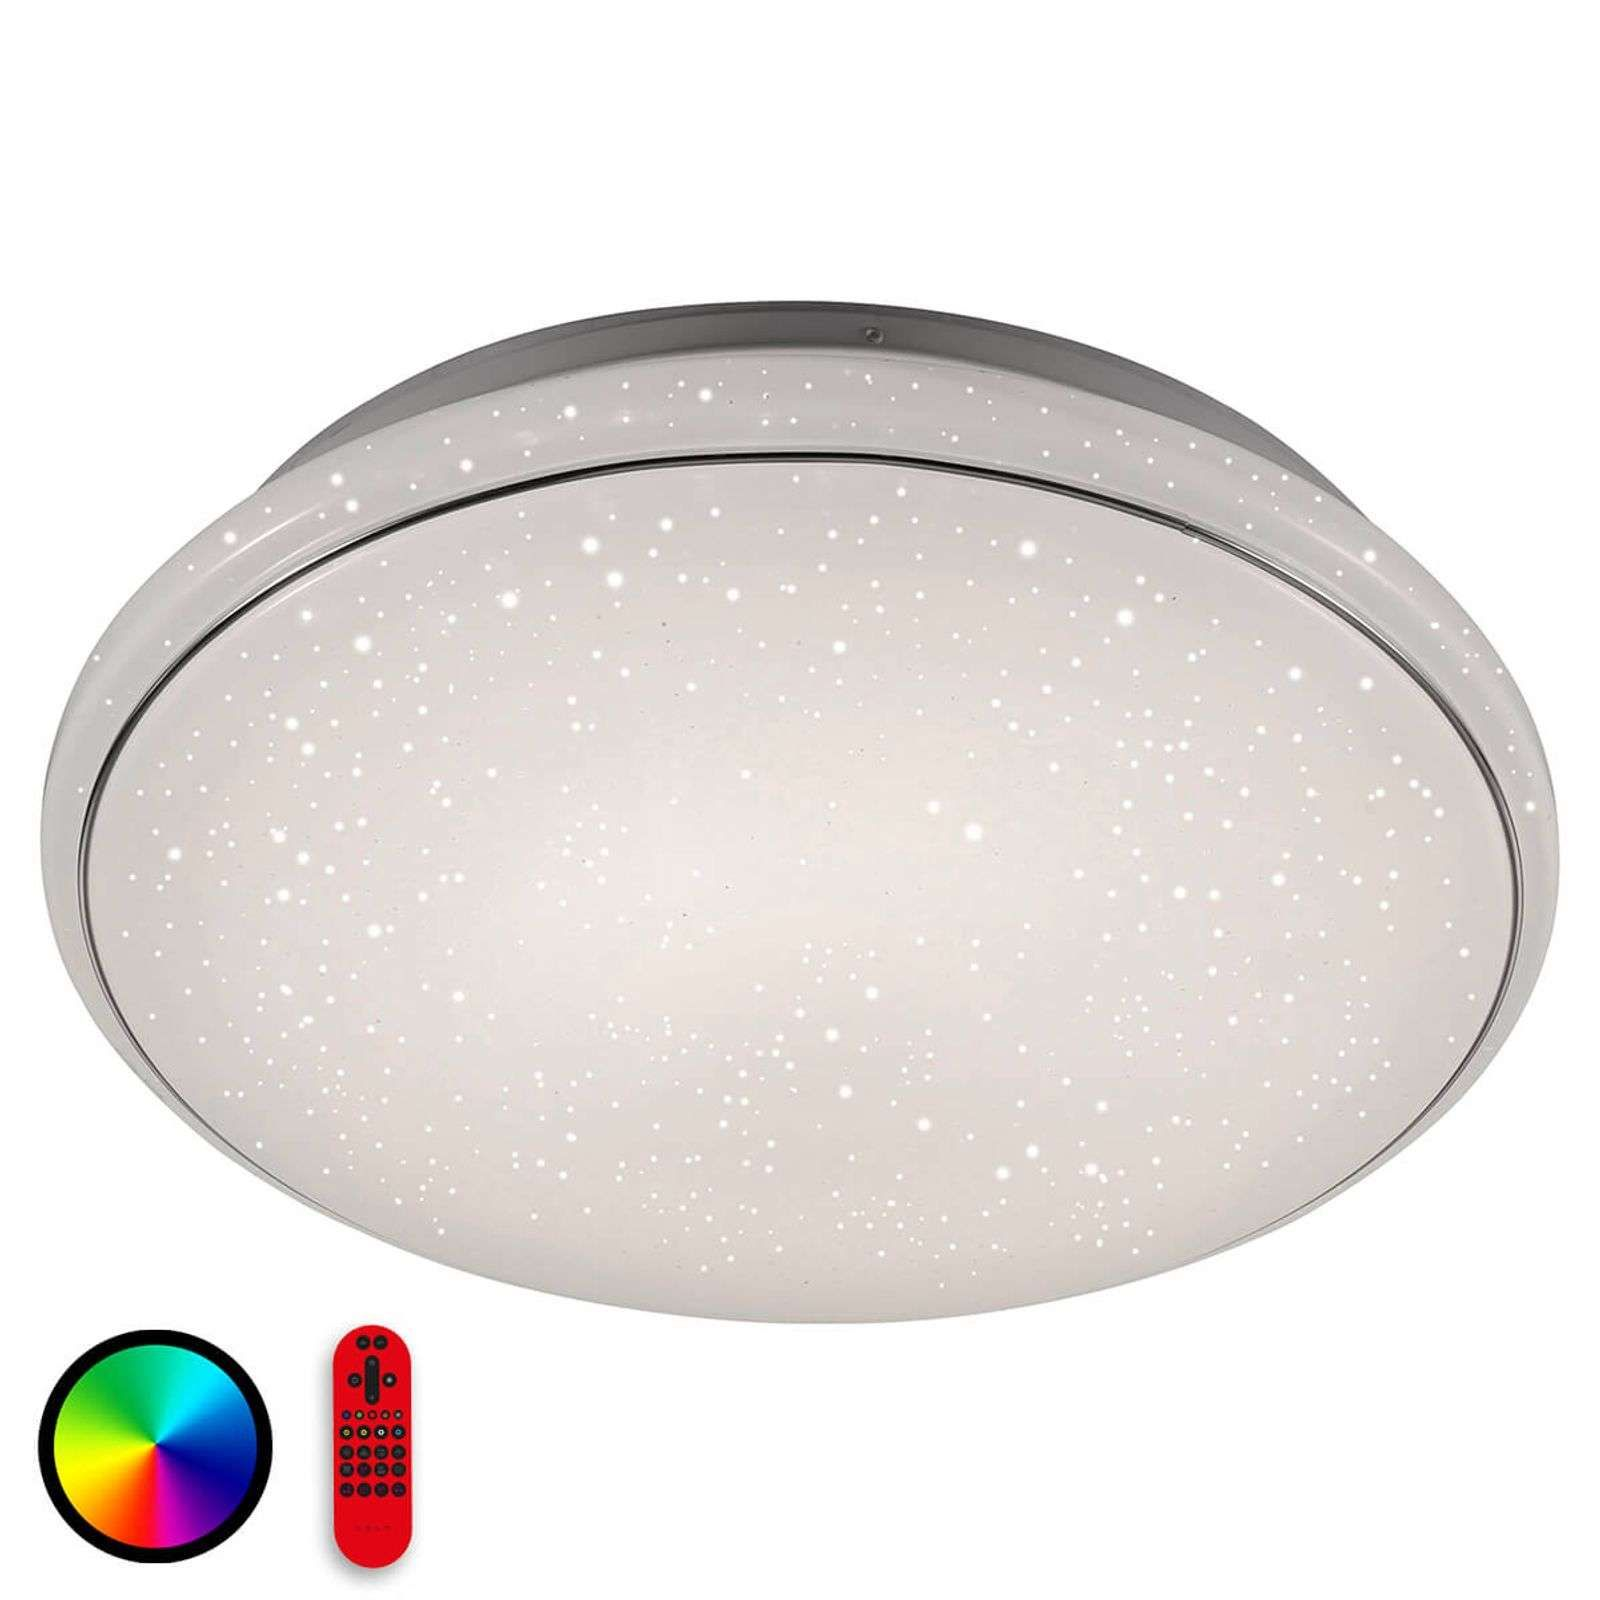 LED-Deckenleuchte Lola-Jupi Ø 9 cm  Plafondlamp, Led